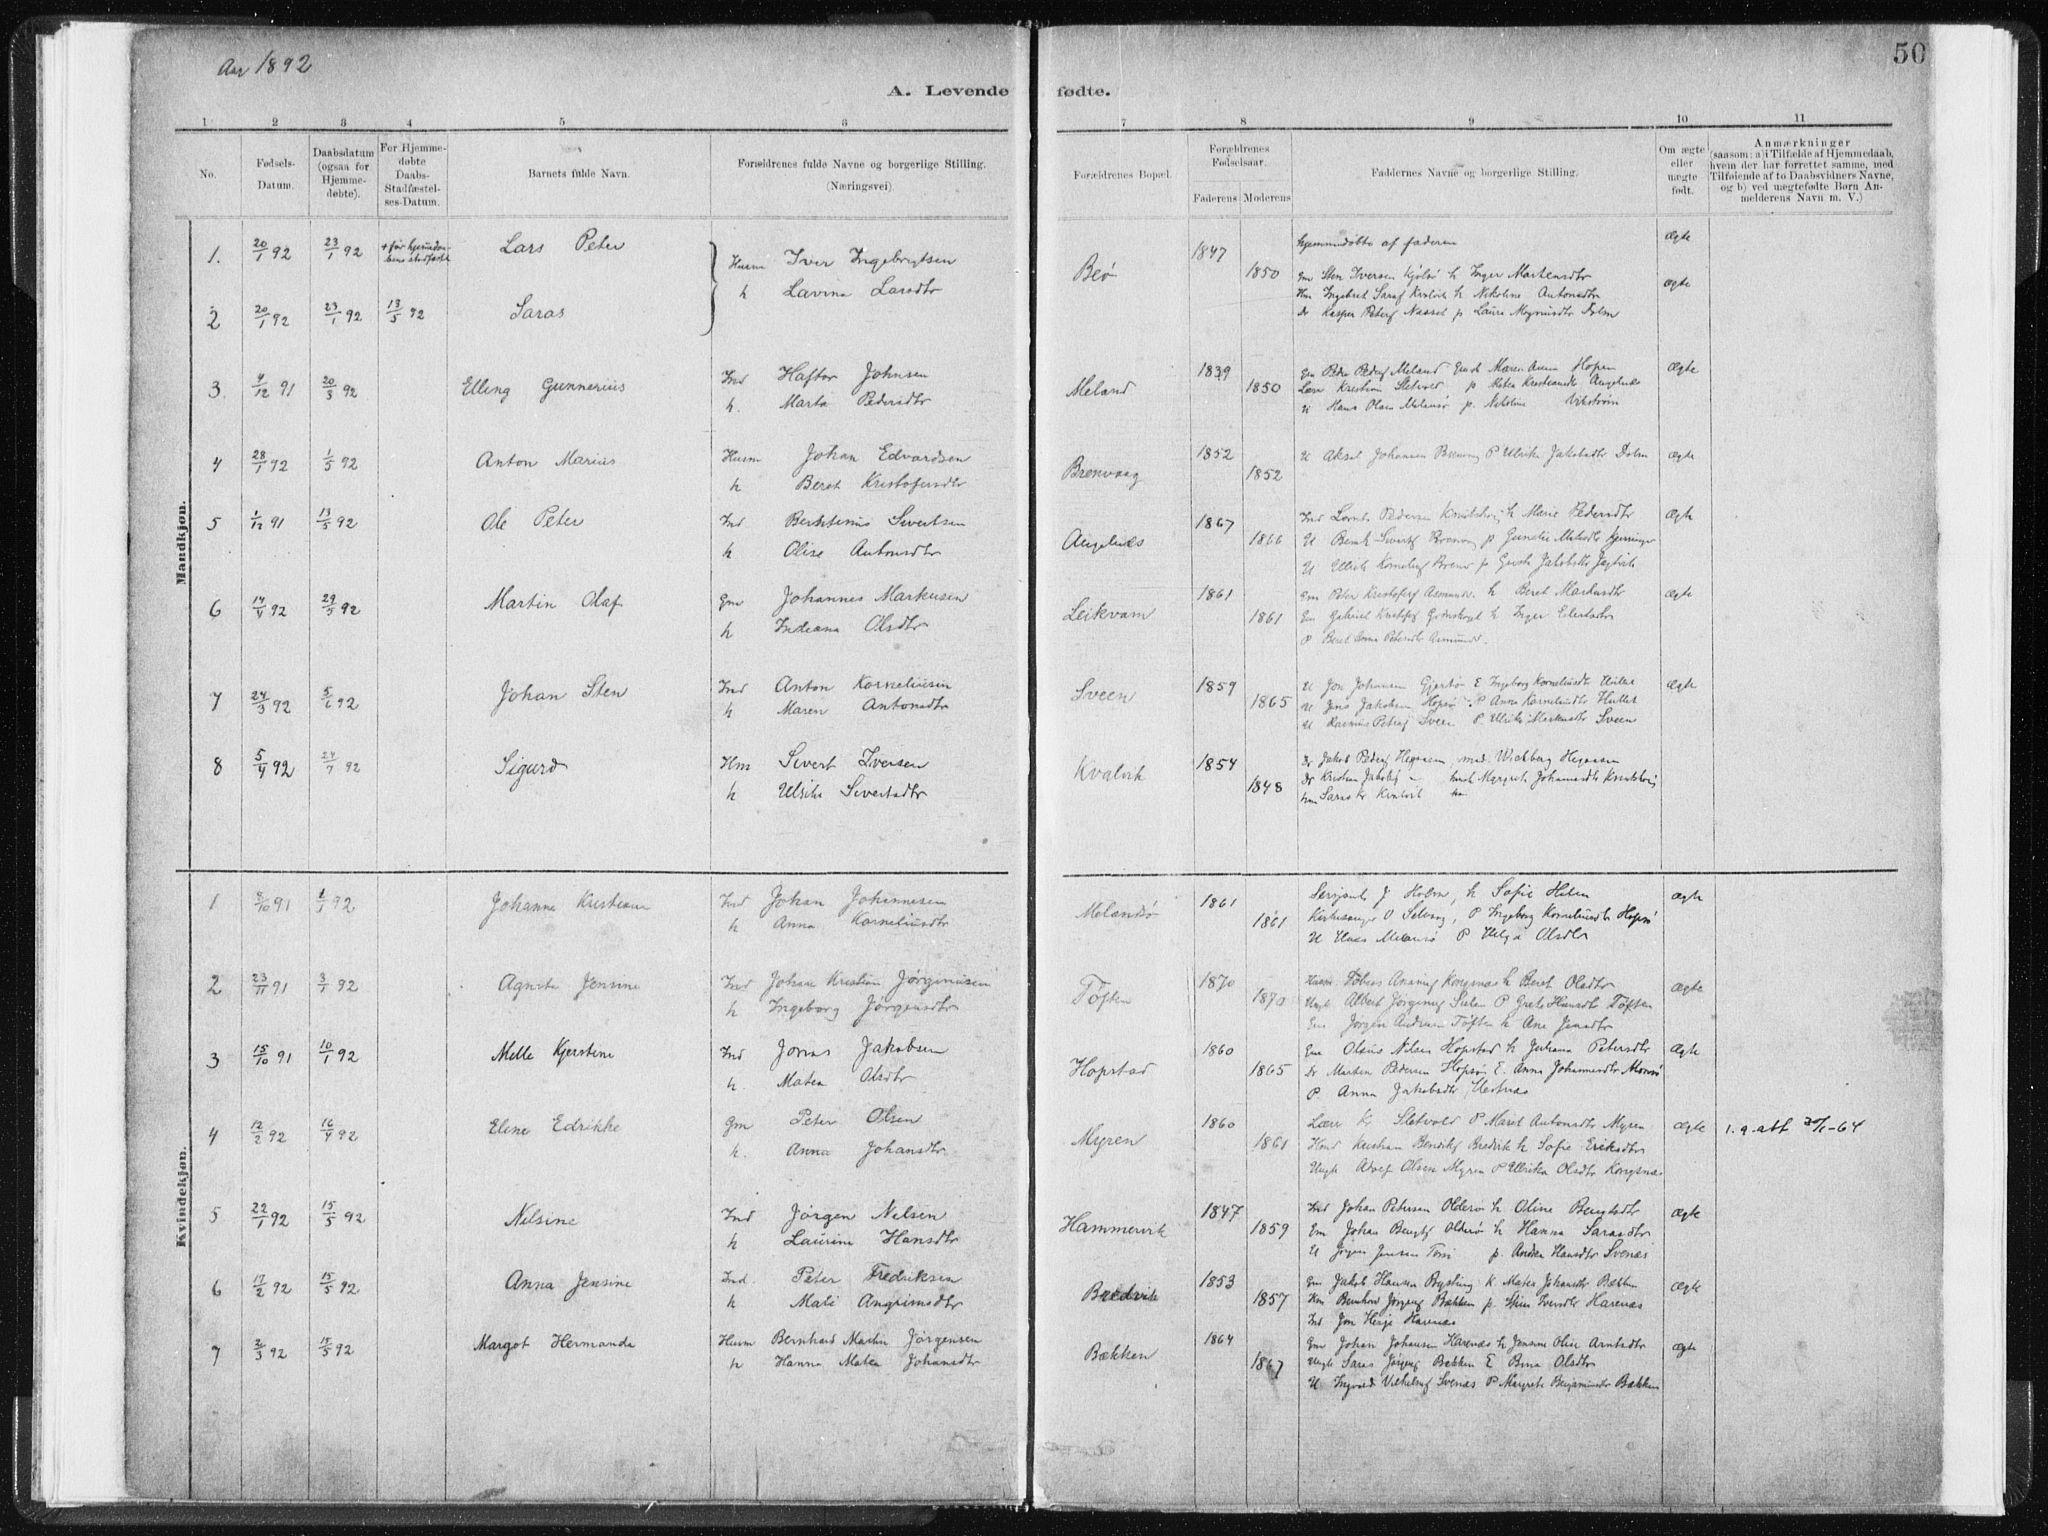 SAT, Ministerialprotokoller, klokkerbøker og fødselsregistre - Sør-Trøndelag, 634/L0533: Ministerialbok nr. 634A09, 1882-1901, s. 50